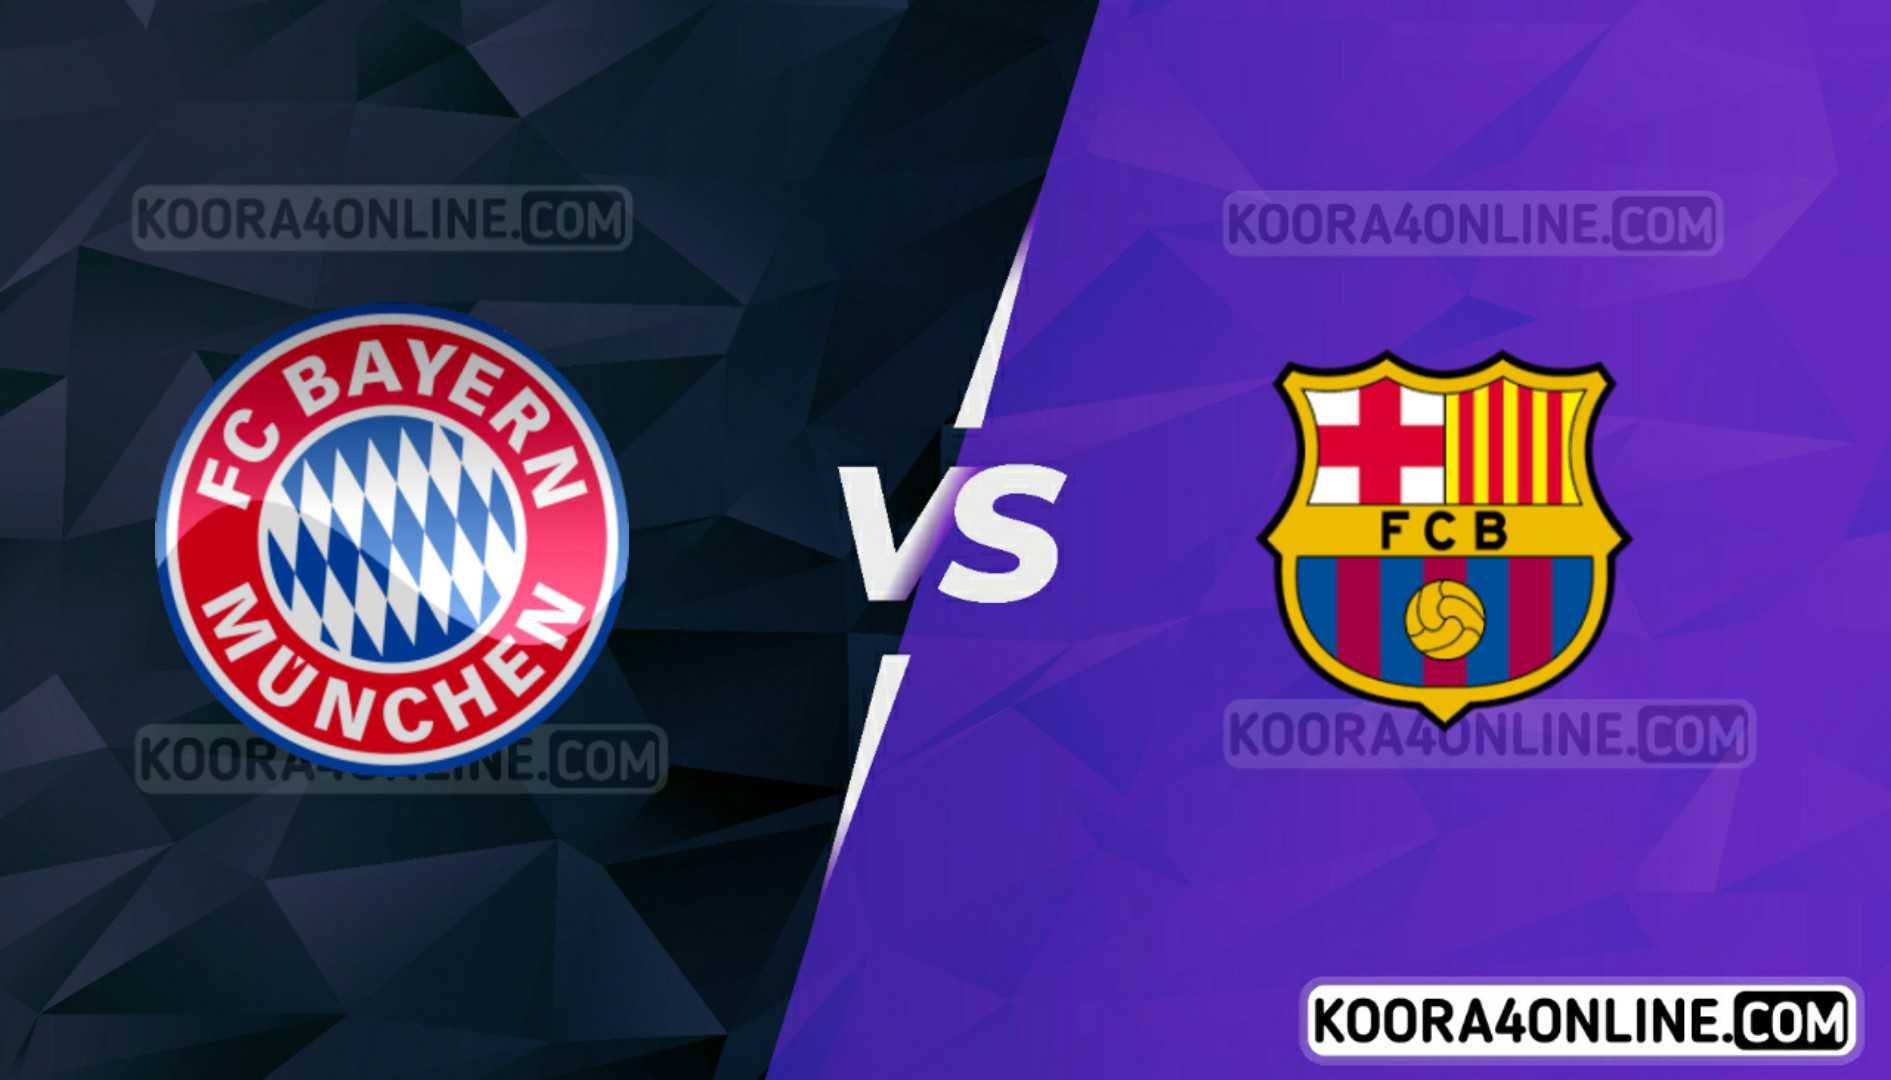 مشاهدة مباراة برشلونة وبايرن ميونخ القادمة كورة اون لاين بث مباشر اليوم 14-09-2021 في دوري أبطال أوروبا